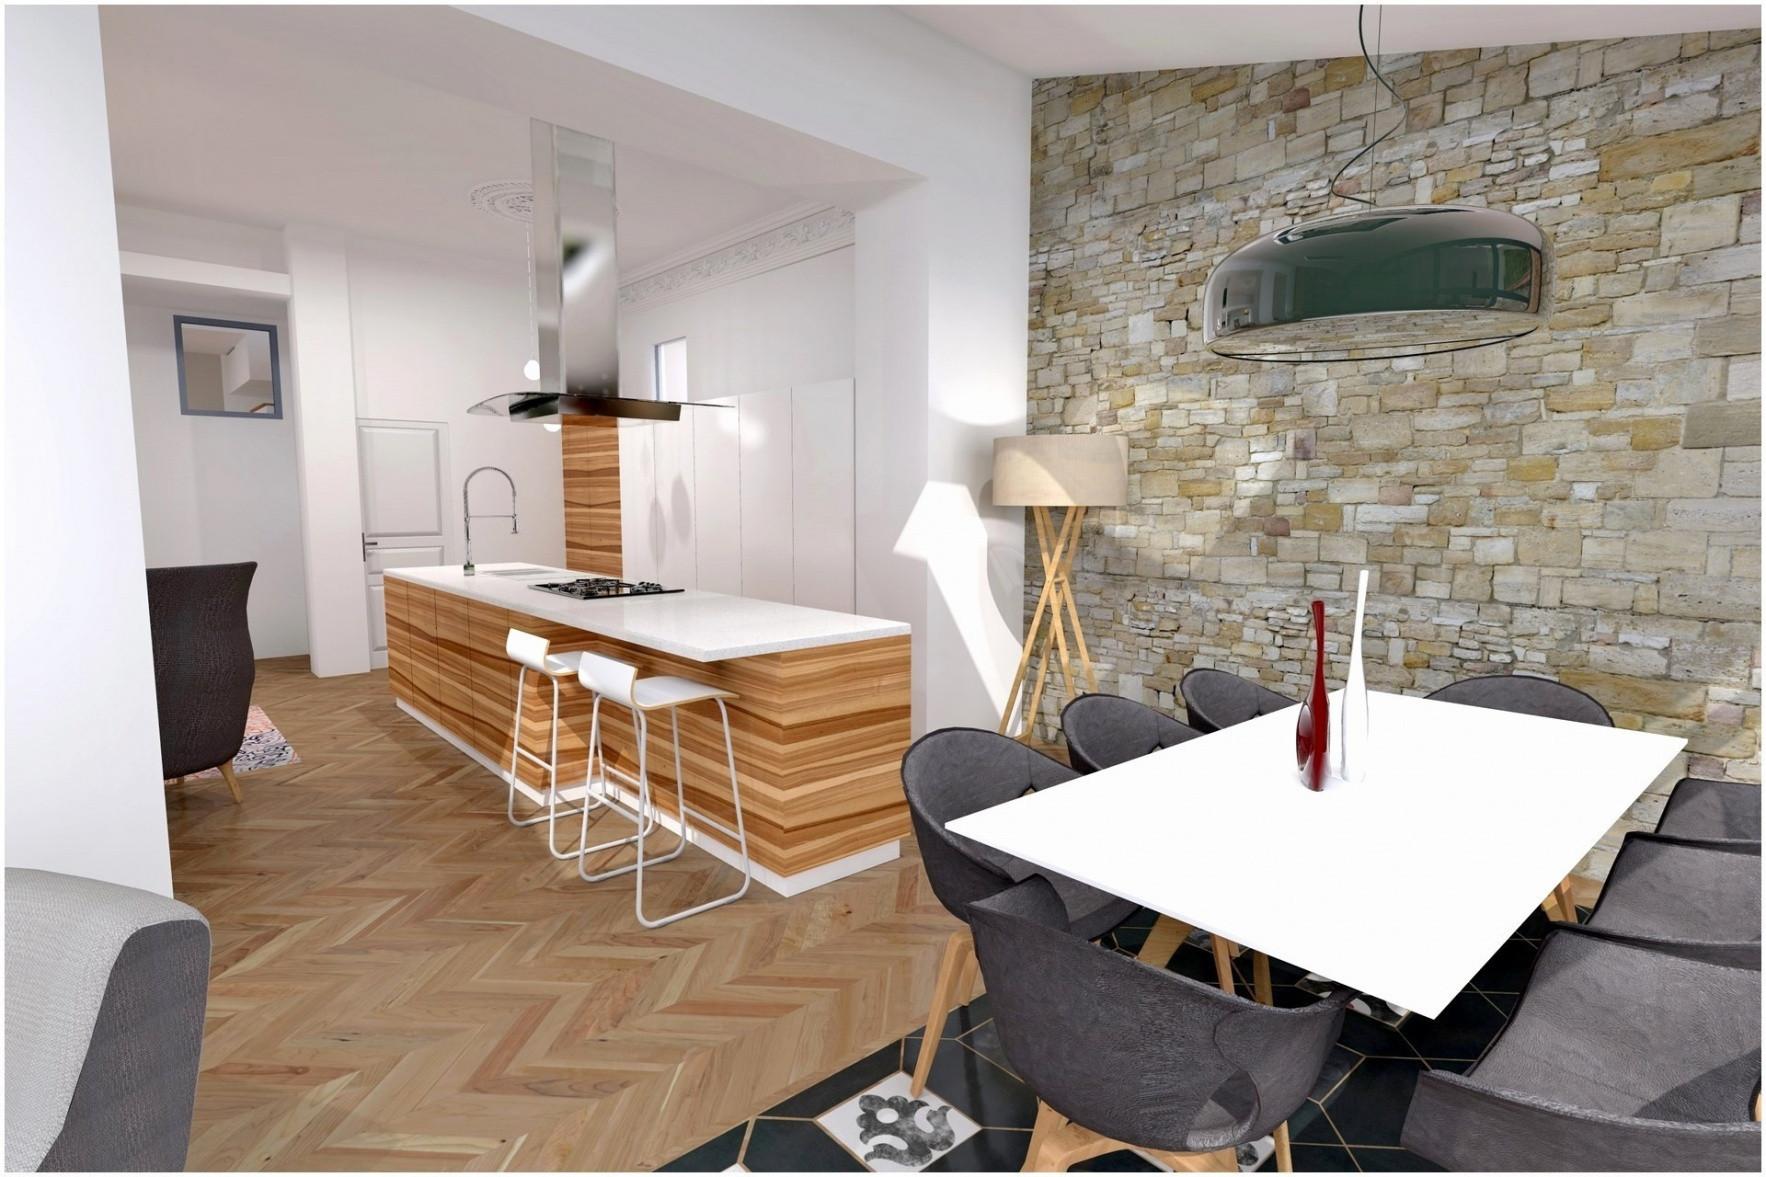 meuble pour terrasse meuble pour terrasse tunisie of meuble pour terrasse